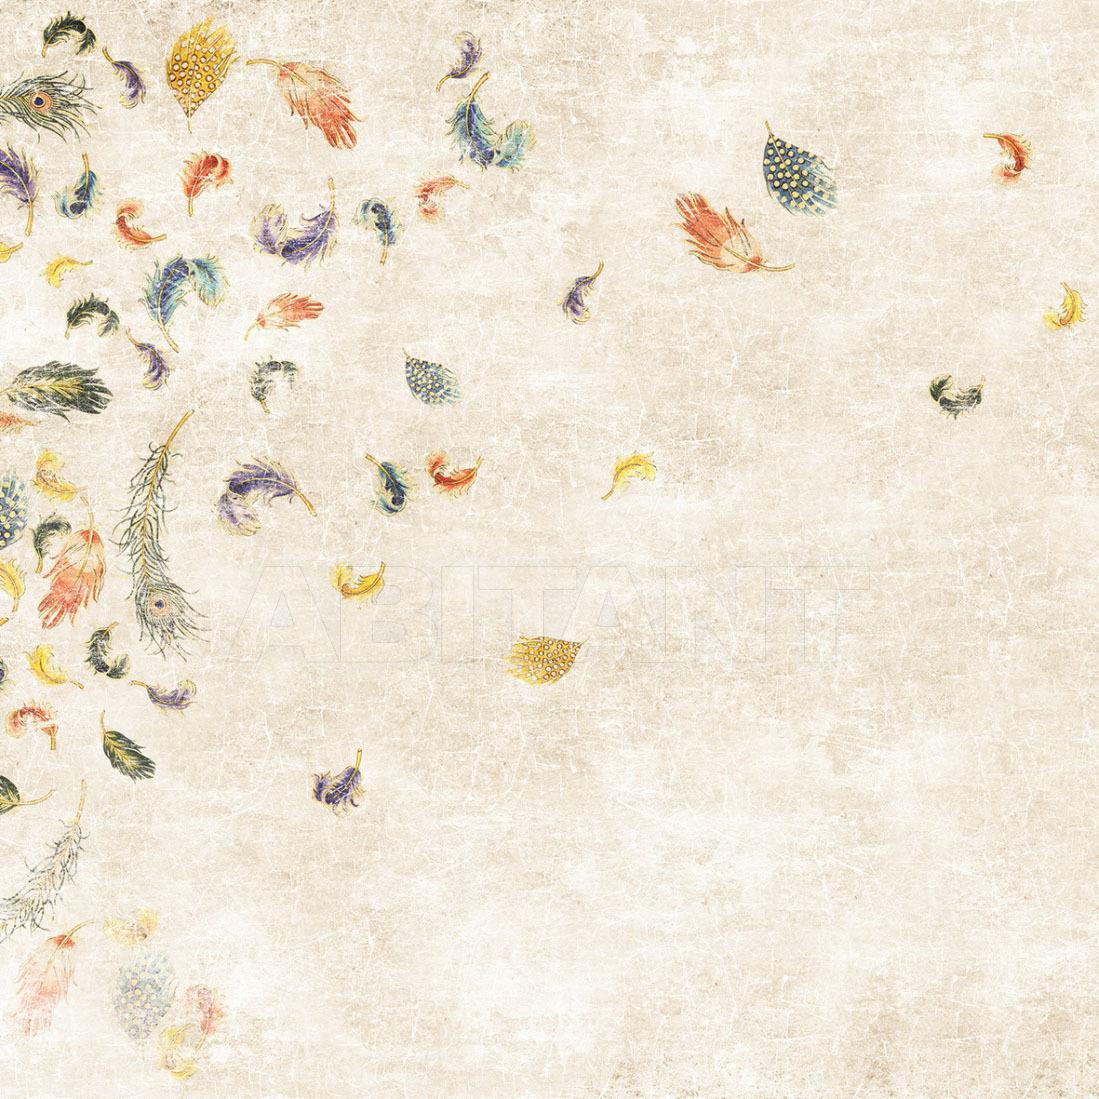 Купить Бумажные обои THE BIRDCAGE LondonArt - Grafika S.r.l.  Eden 15 15117 1